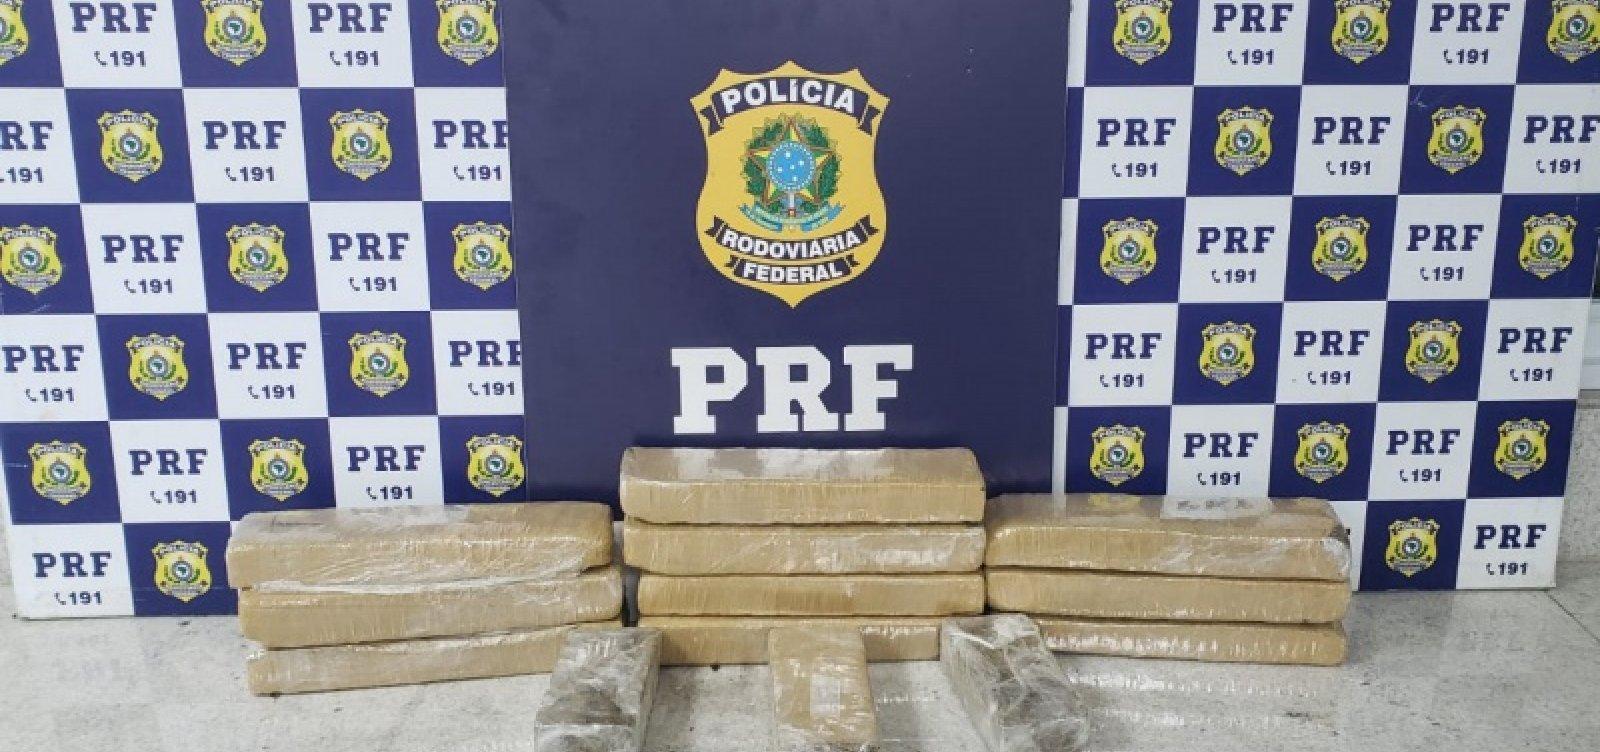 [Após suspeito fugir e capotar carro, PRF encontra maconha avaliada em R$ 10 mil]